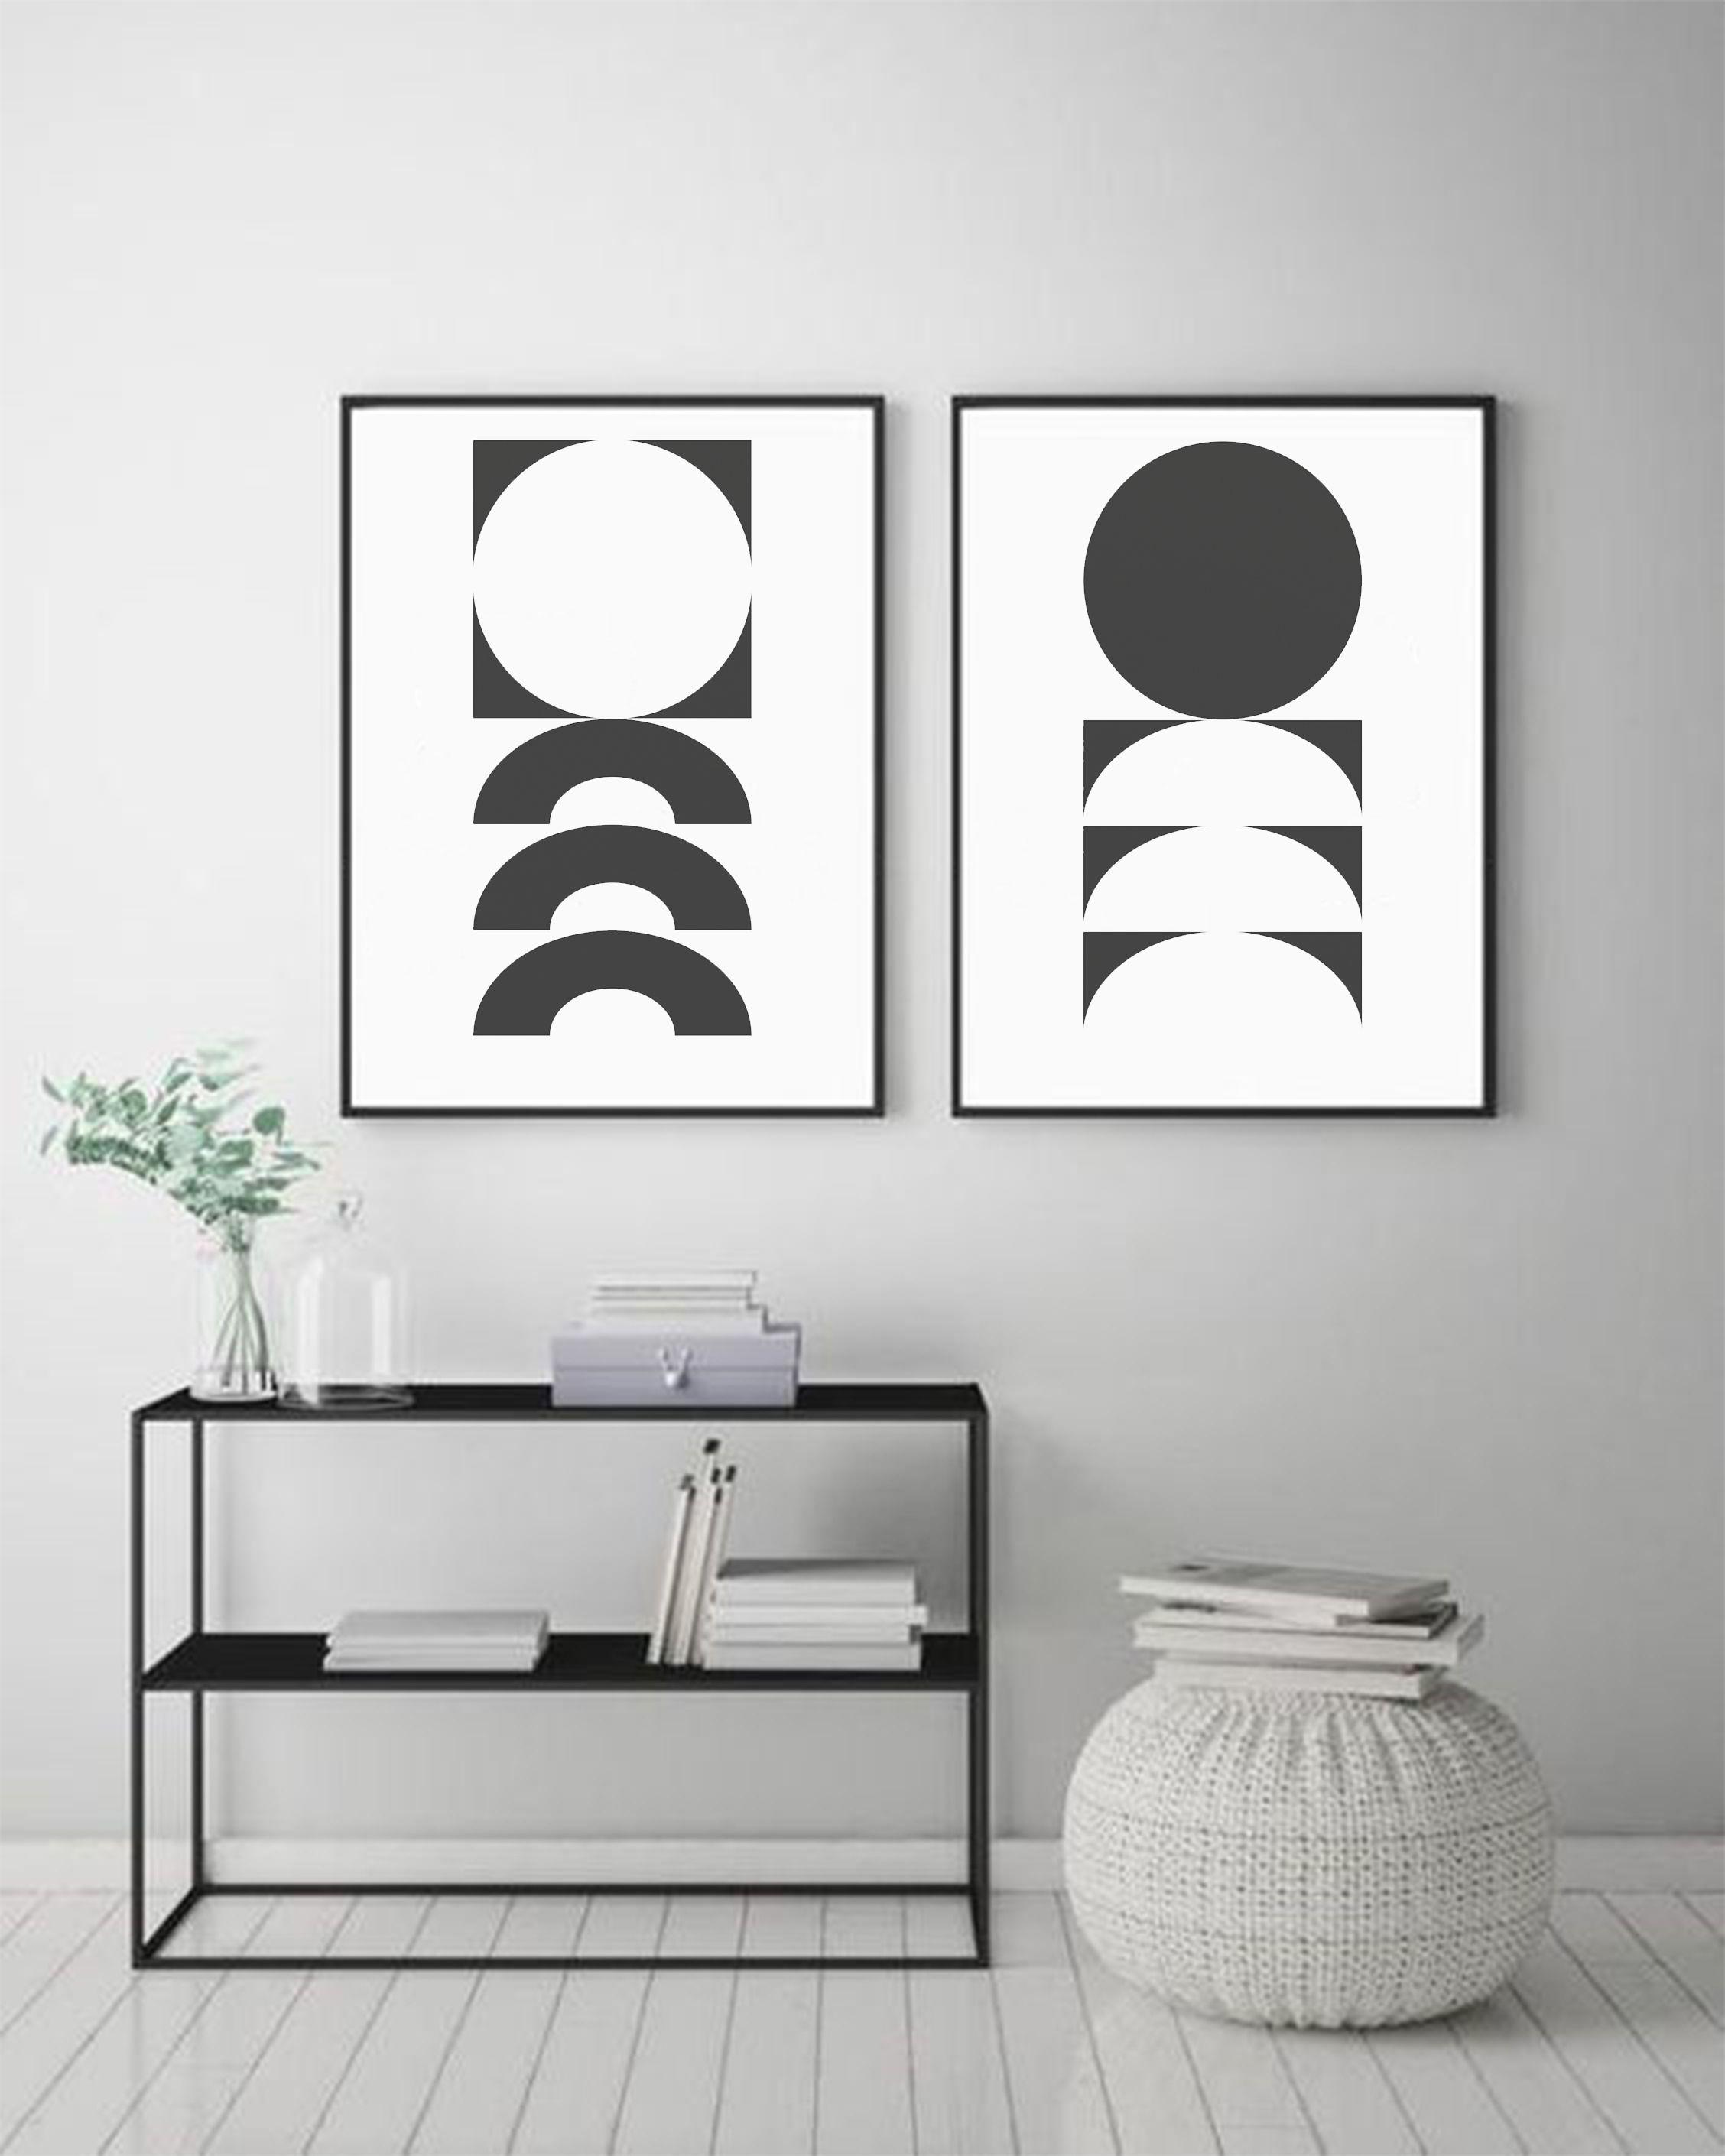 Geometric Black White Art Abstract Print Art Minimalist Etsy In 2020 Modern Room Decor Black White Art White Art